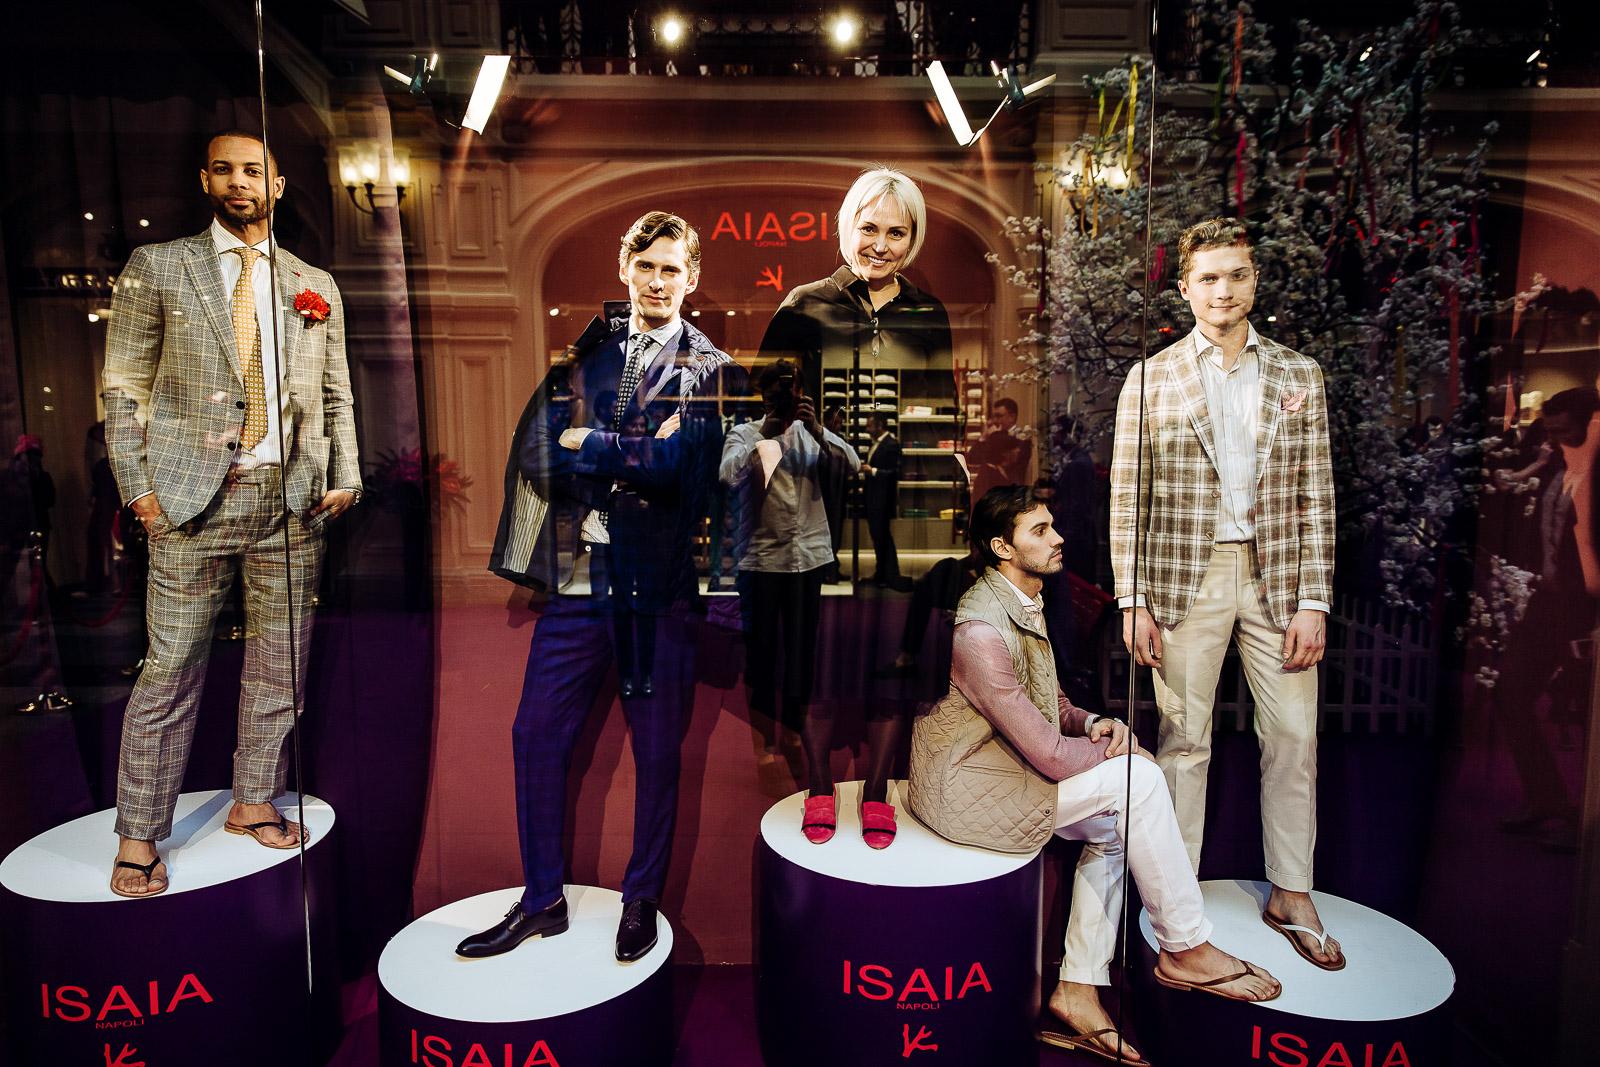 8c789196104b Открытие флагманского бутика ISAIA в ГУМе приурочено к 60-летию  неаполитанской марки